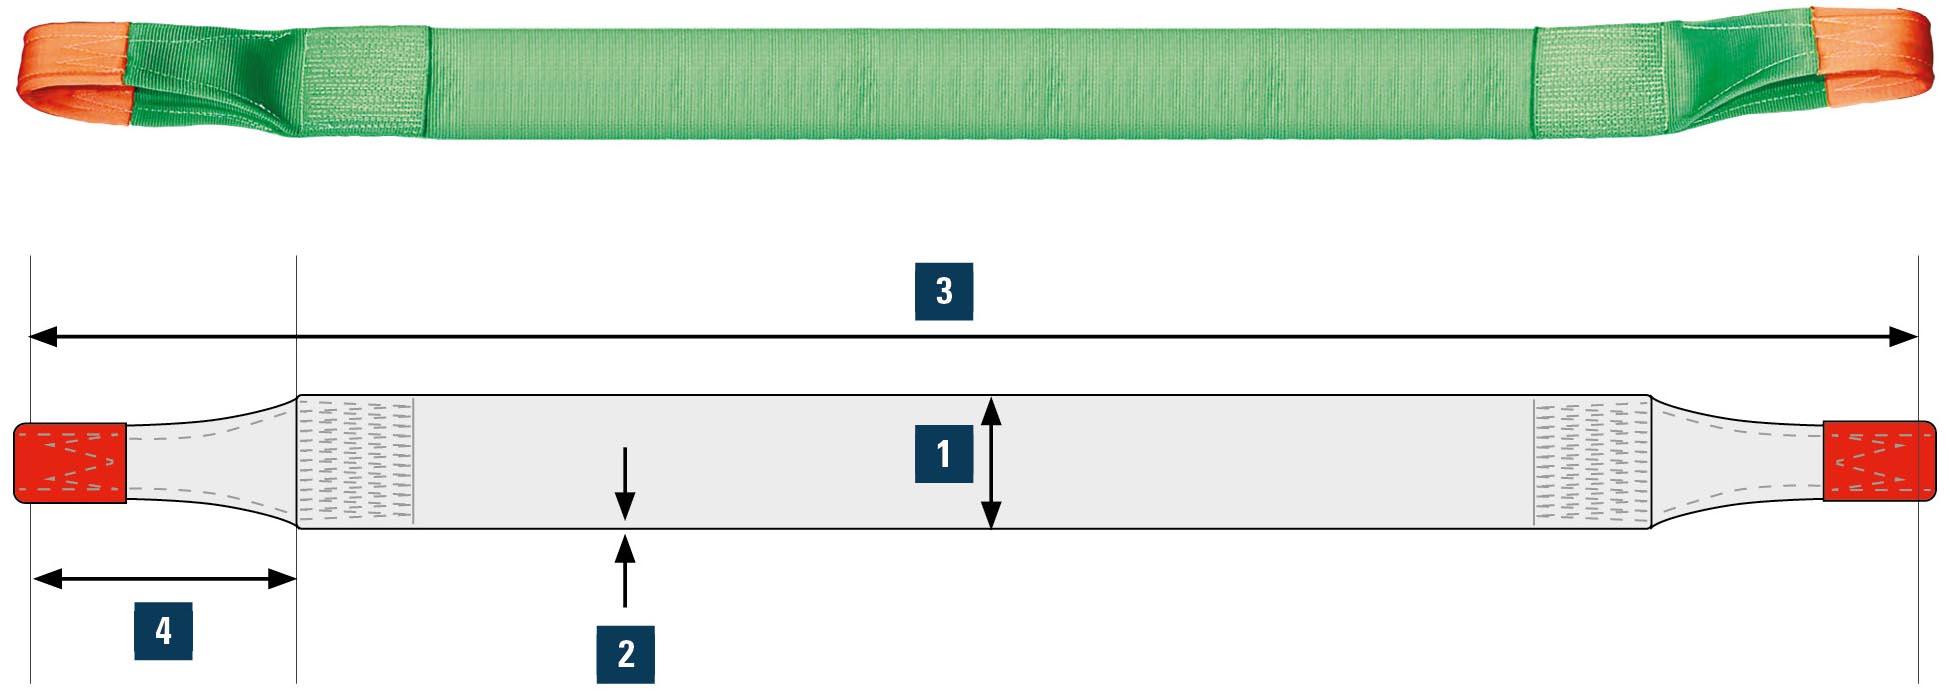 Flat Slings 1 Ply